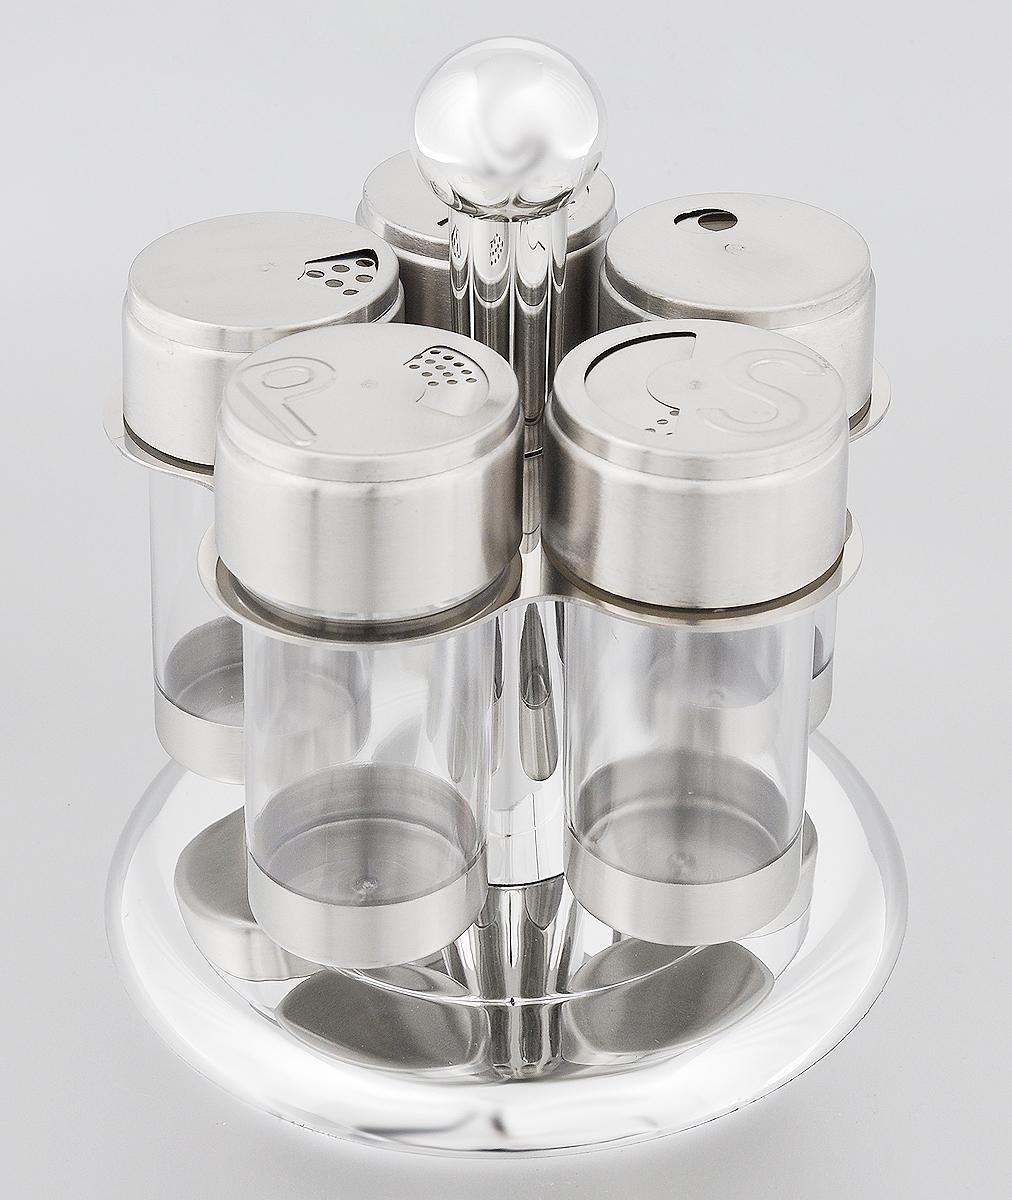 Набор банок для специй Mayer & Boch, на подставке, 6 предметов23525Набор Mayer & Boch состоит из трех универсальных емкостей для специй, перечницы и солонки, расположенных на вращающейся металлической подставке. Банки для хранения выполнены из высококачественной нержавеющей стали и прозрачного пластика. Крышки емкостей снабжены резьбой, которая обеспечивает плотное прилегание крышки, а также позволяет долгое время сохранить специи свежими. Набор Mayer & Boch - это оригинальное решение для современной кухни. Объем банок: 100 мл. Диаметр банок: 5,2 см. Высота банок: 11 см. Размер подставки: 16 х 16 х 18,5 см.